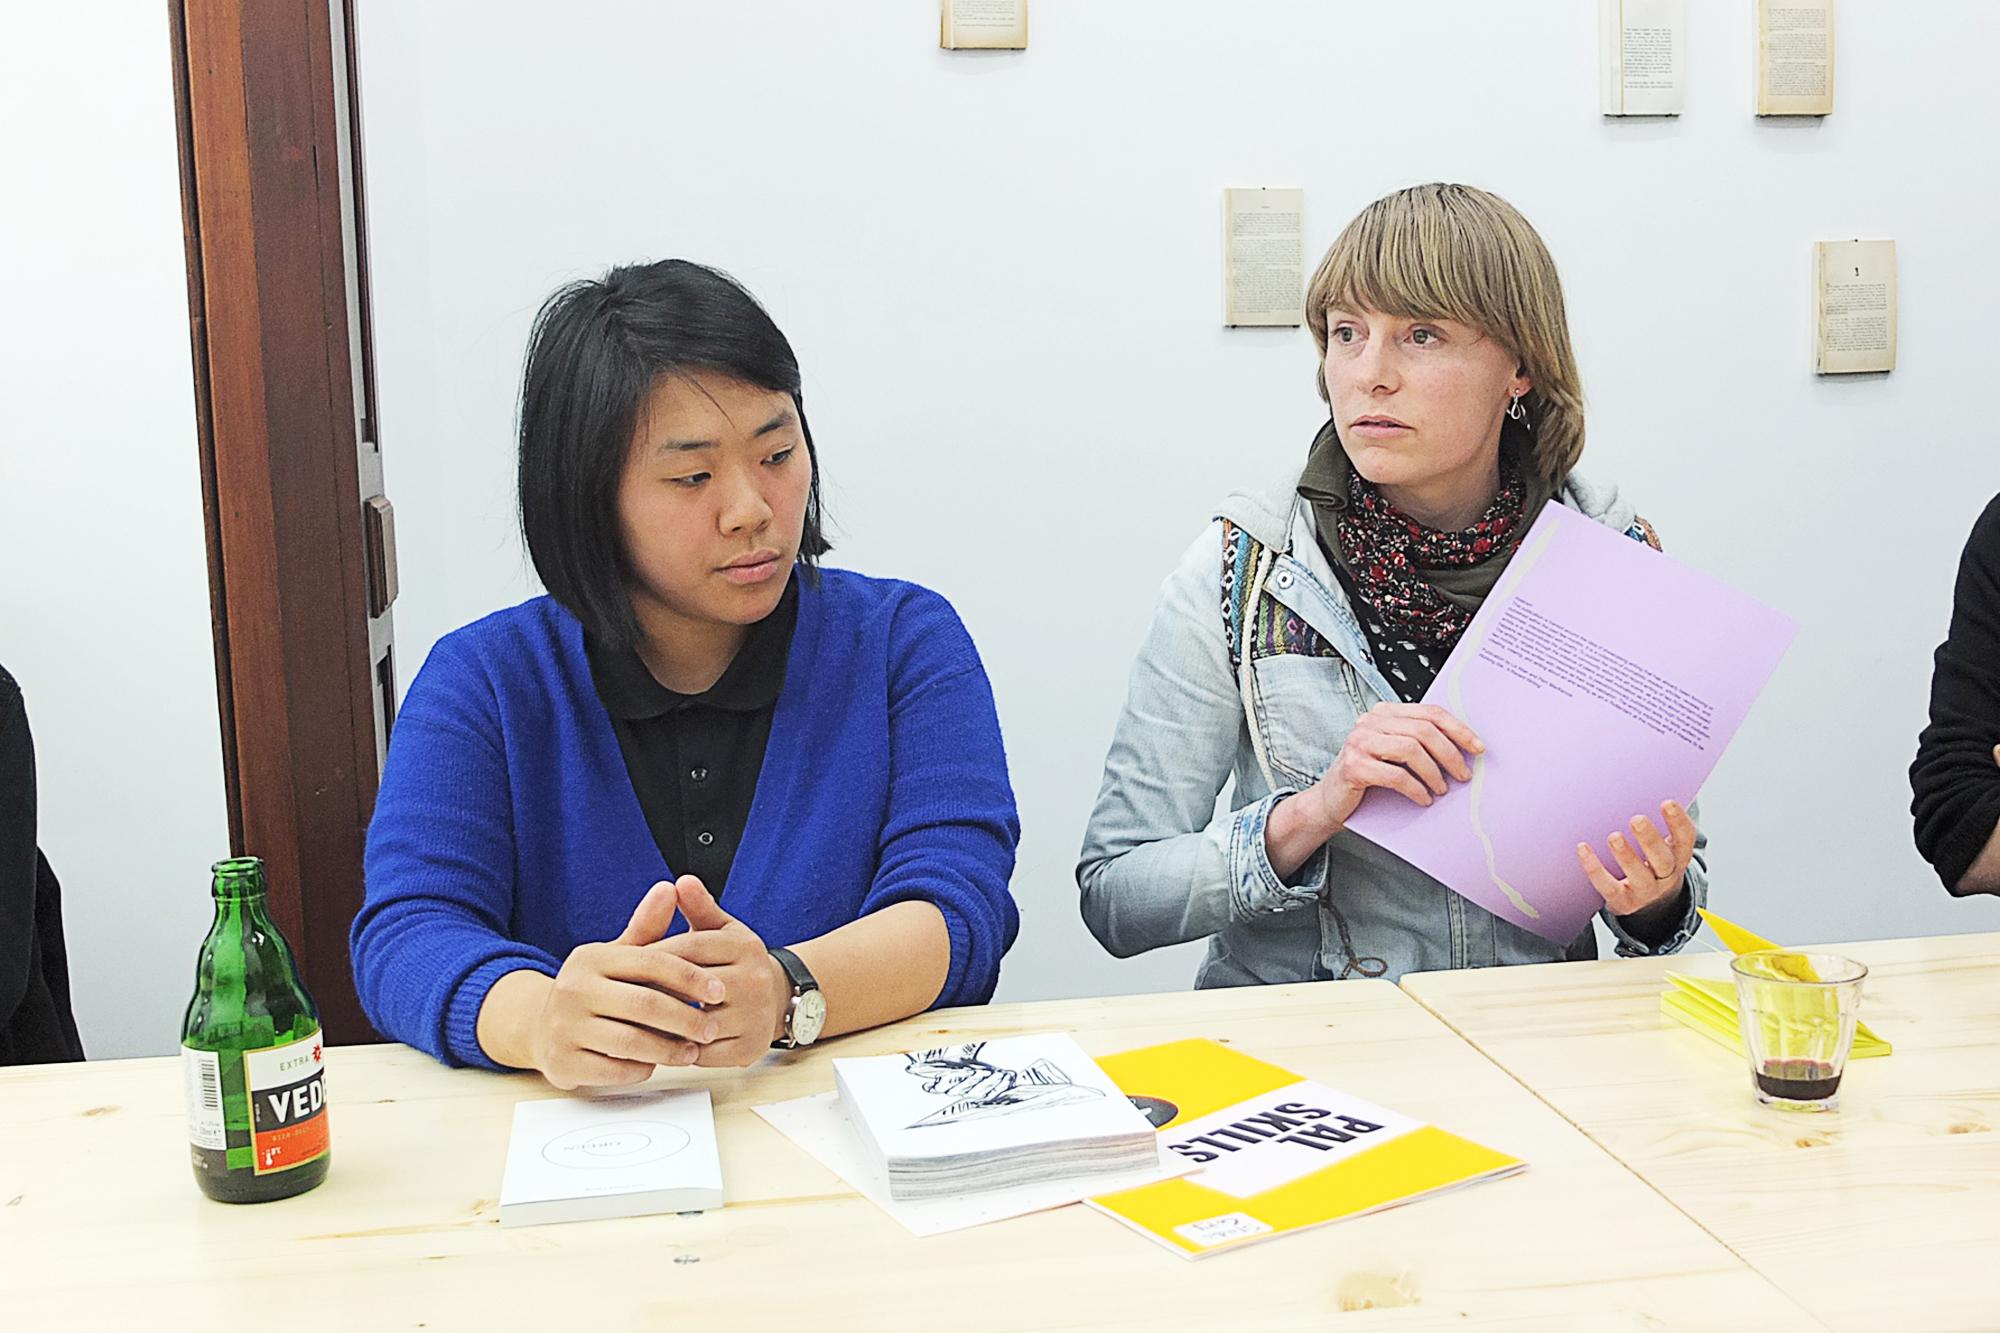 Tique Salon - Publication Studio Hou Chien Cheng